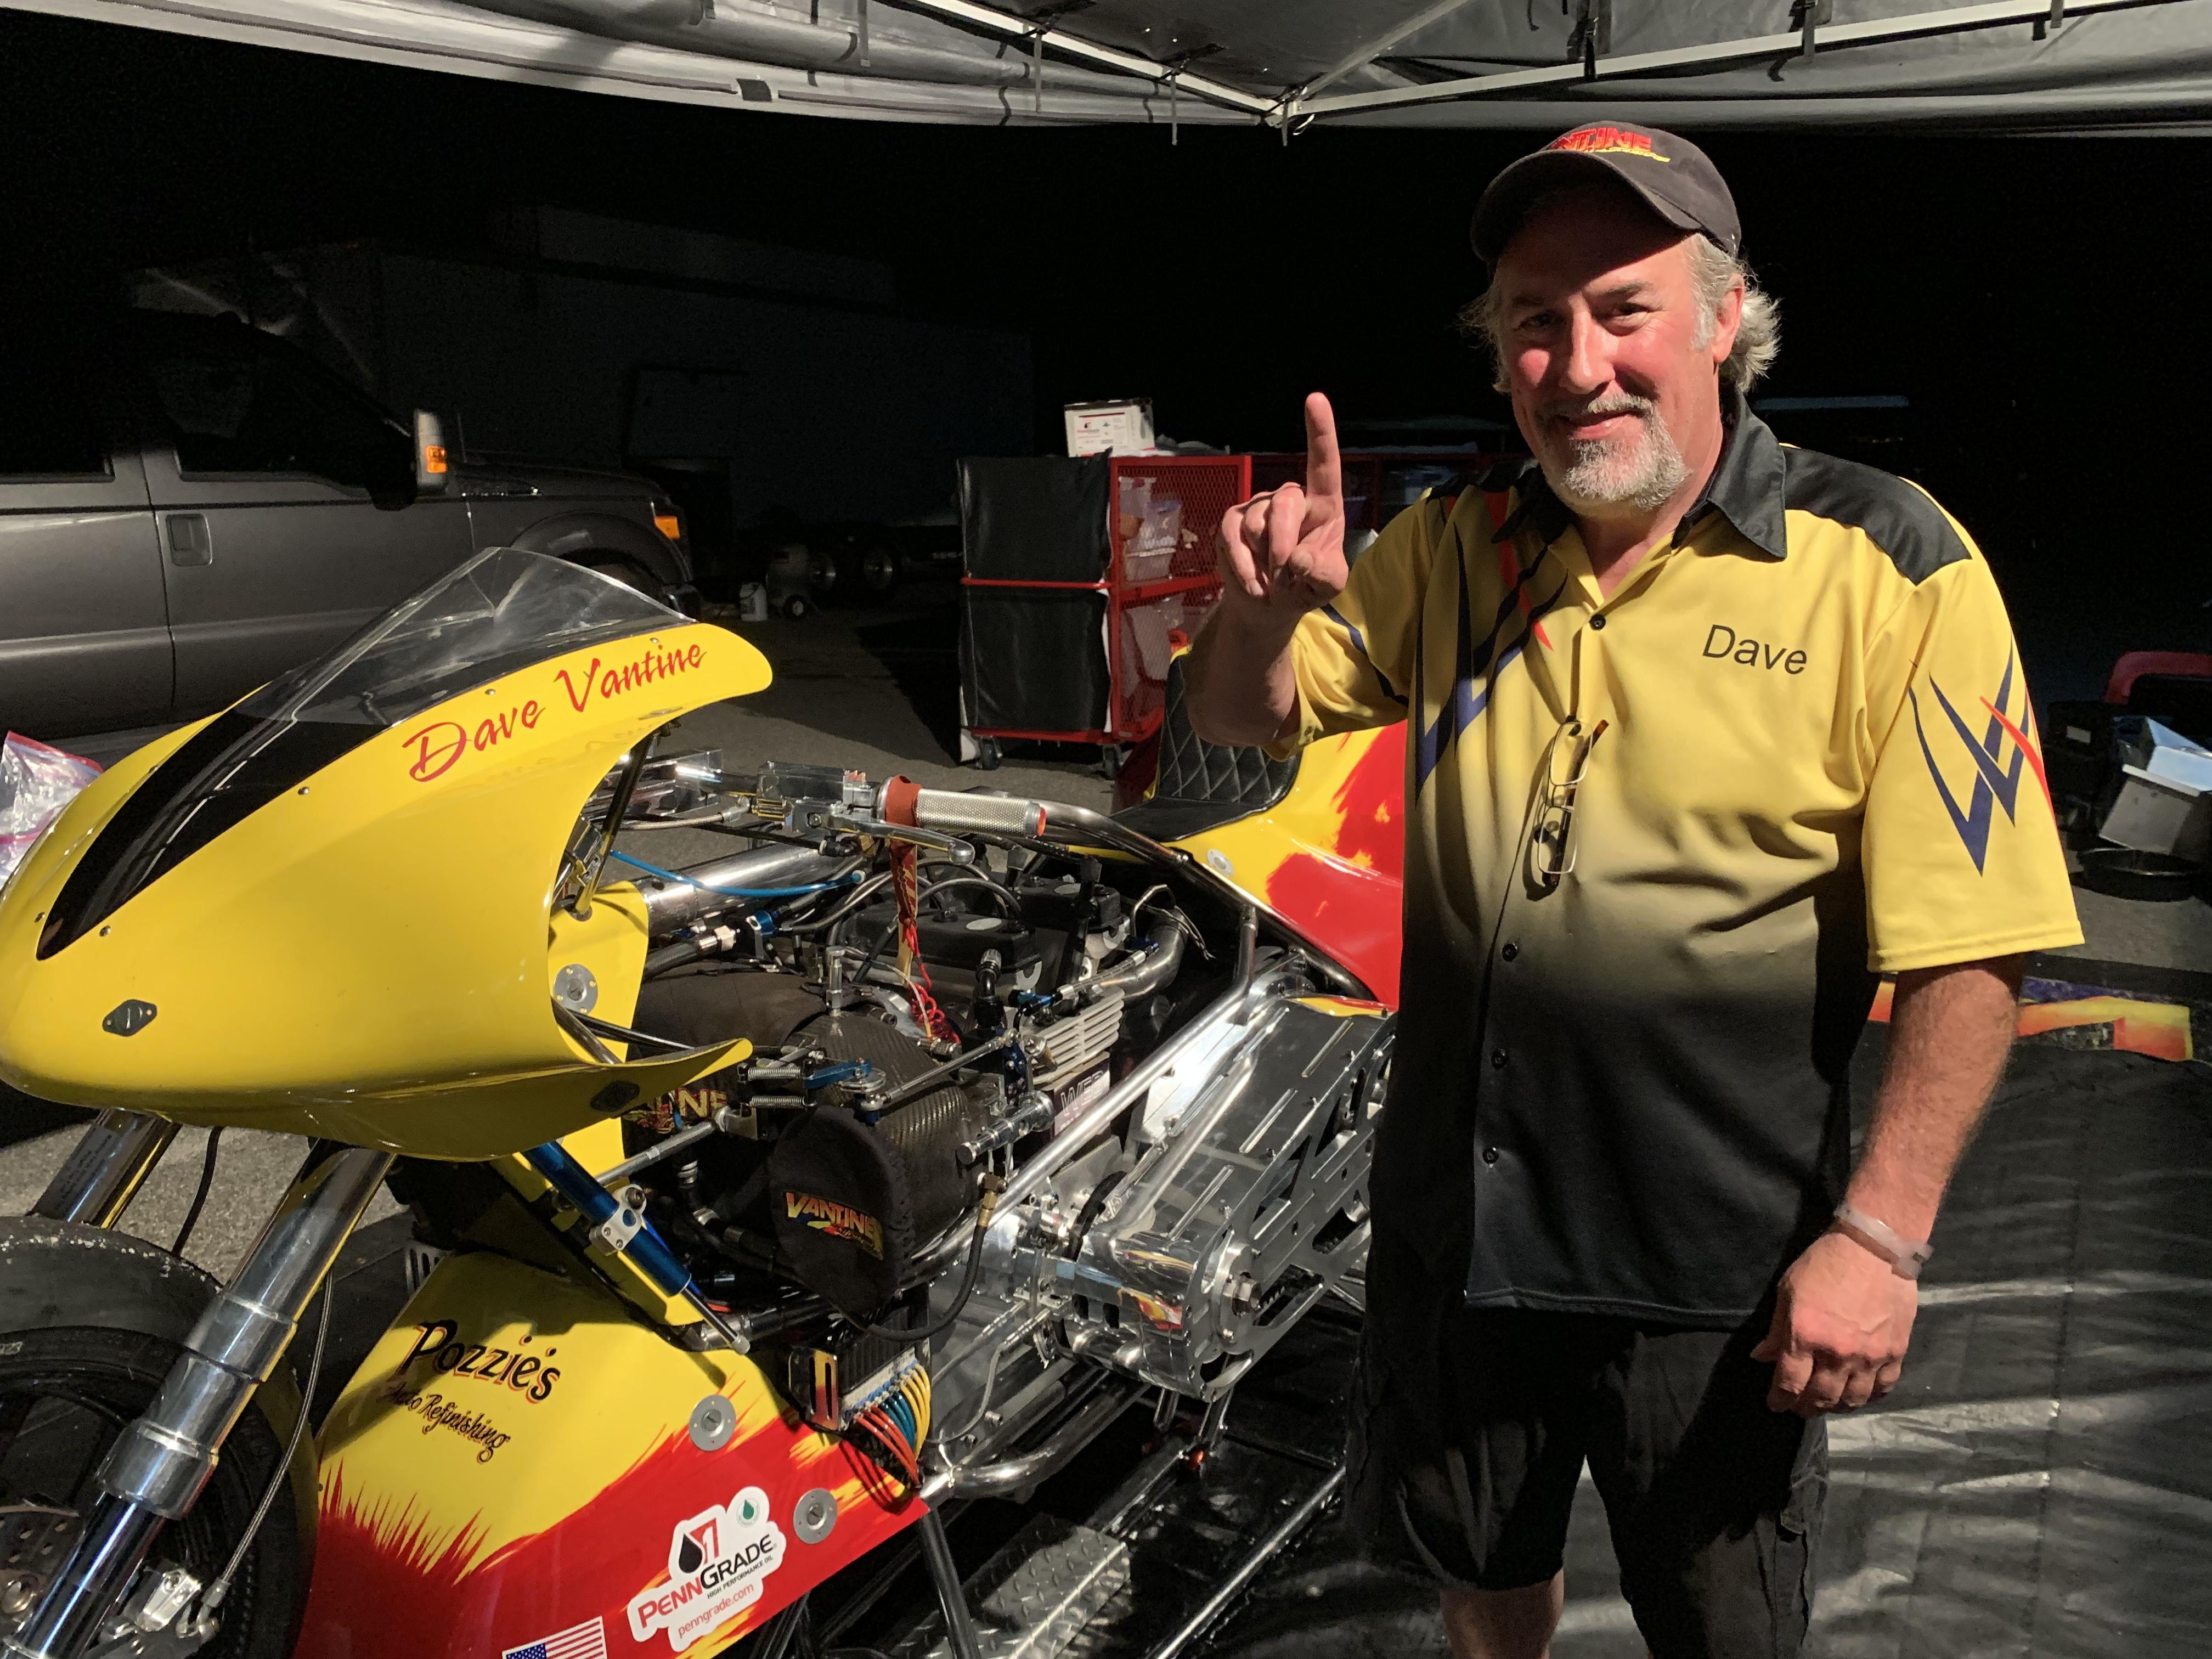 Dave Vantine Top Fuel Motorcycle